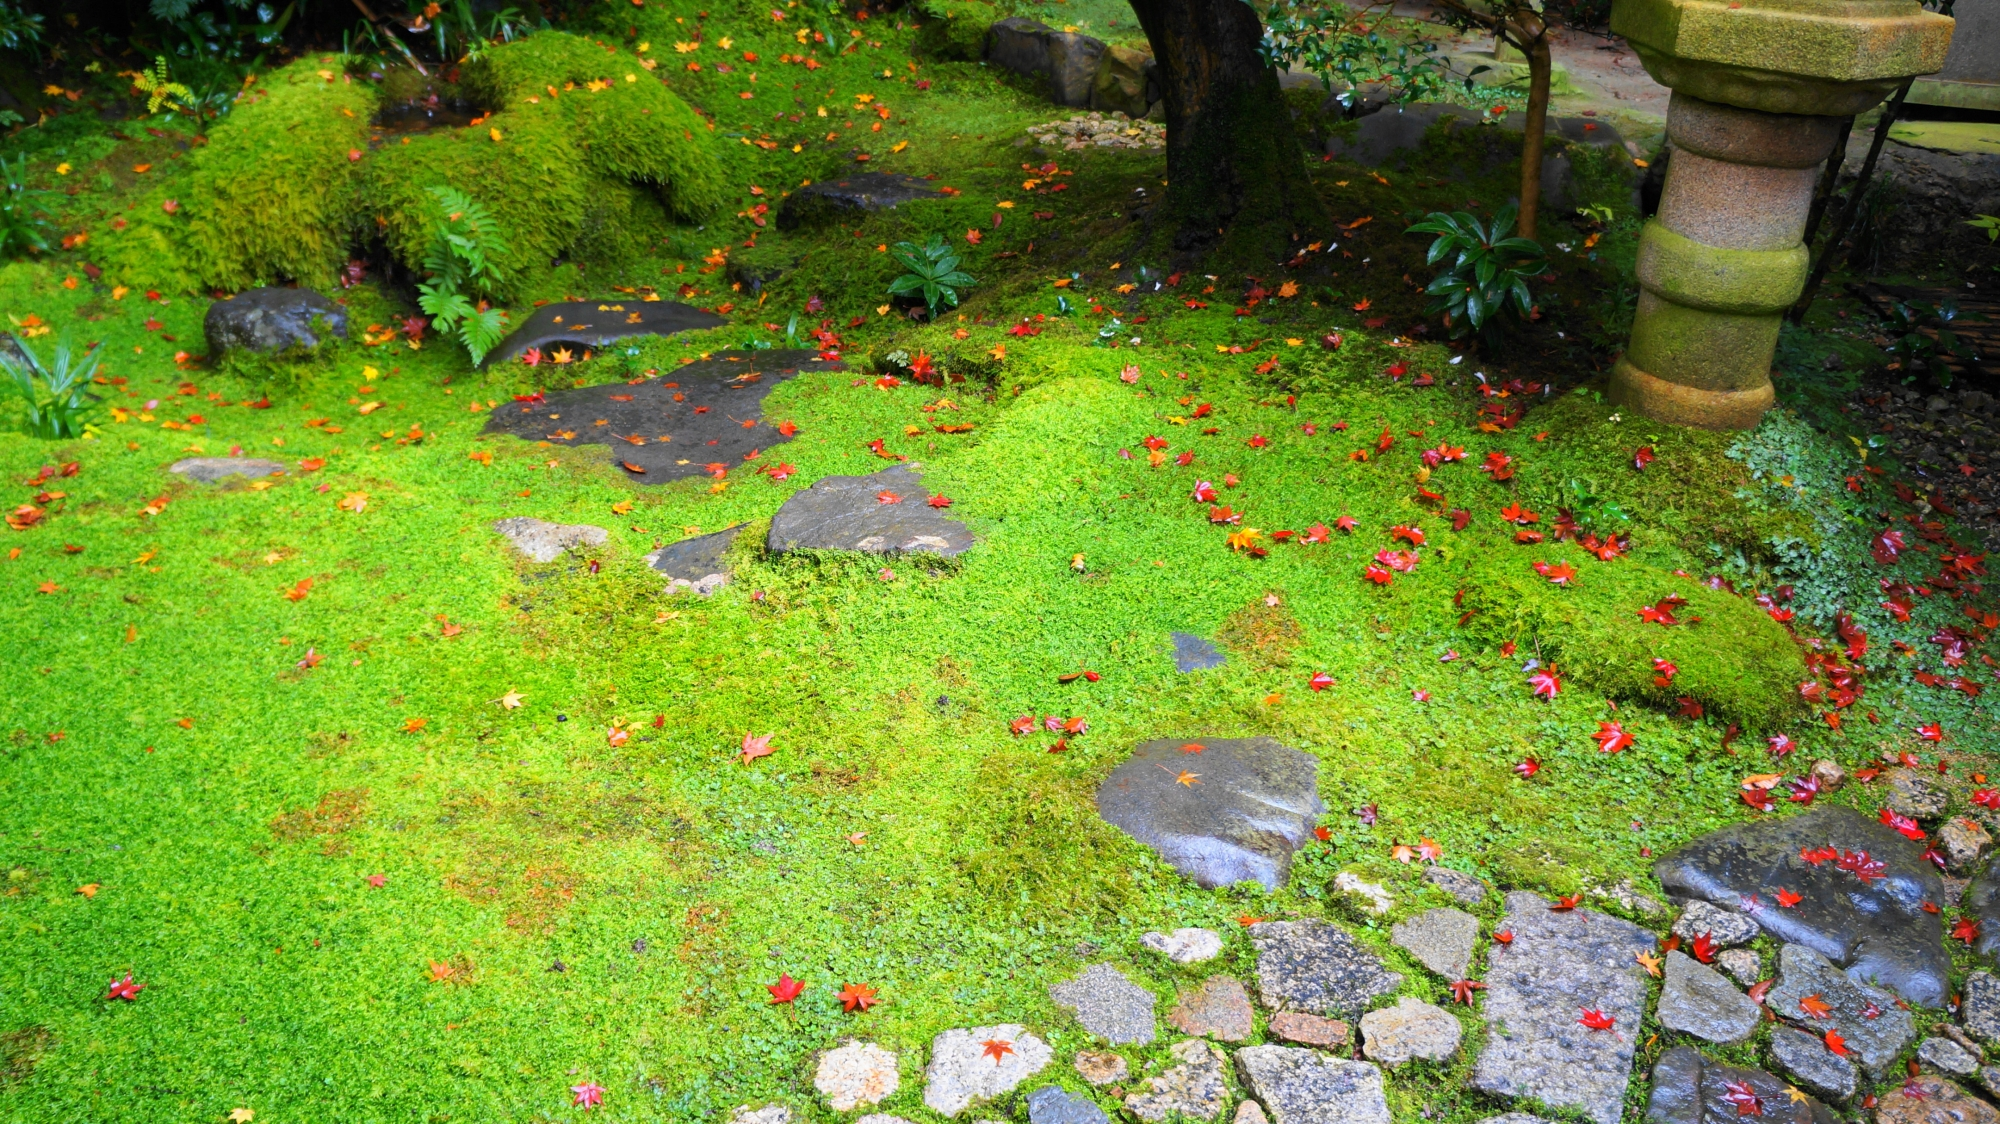 風情の中に華やかさがある苔と散紅葉